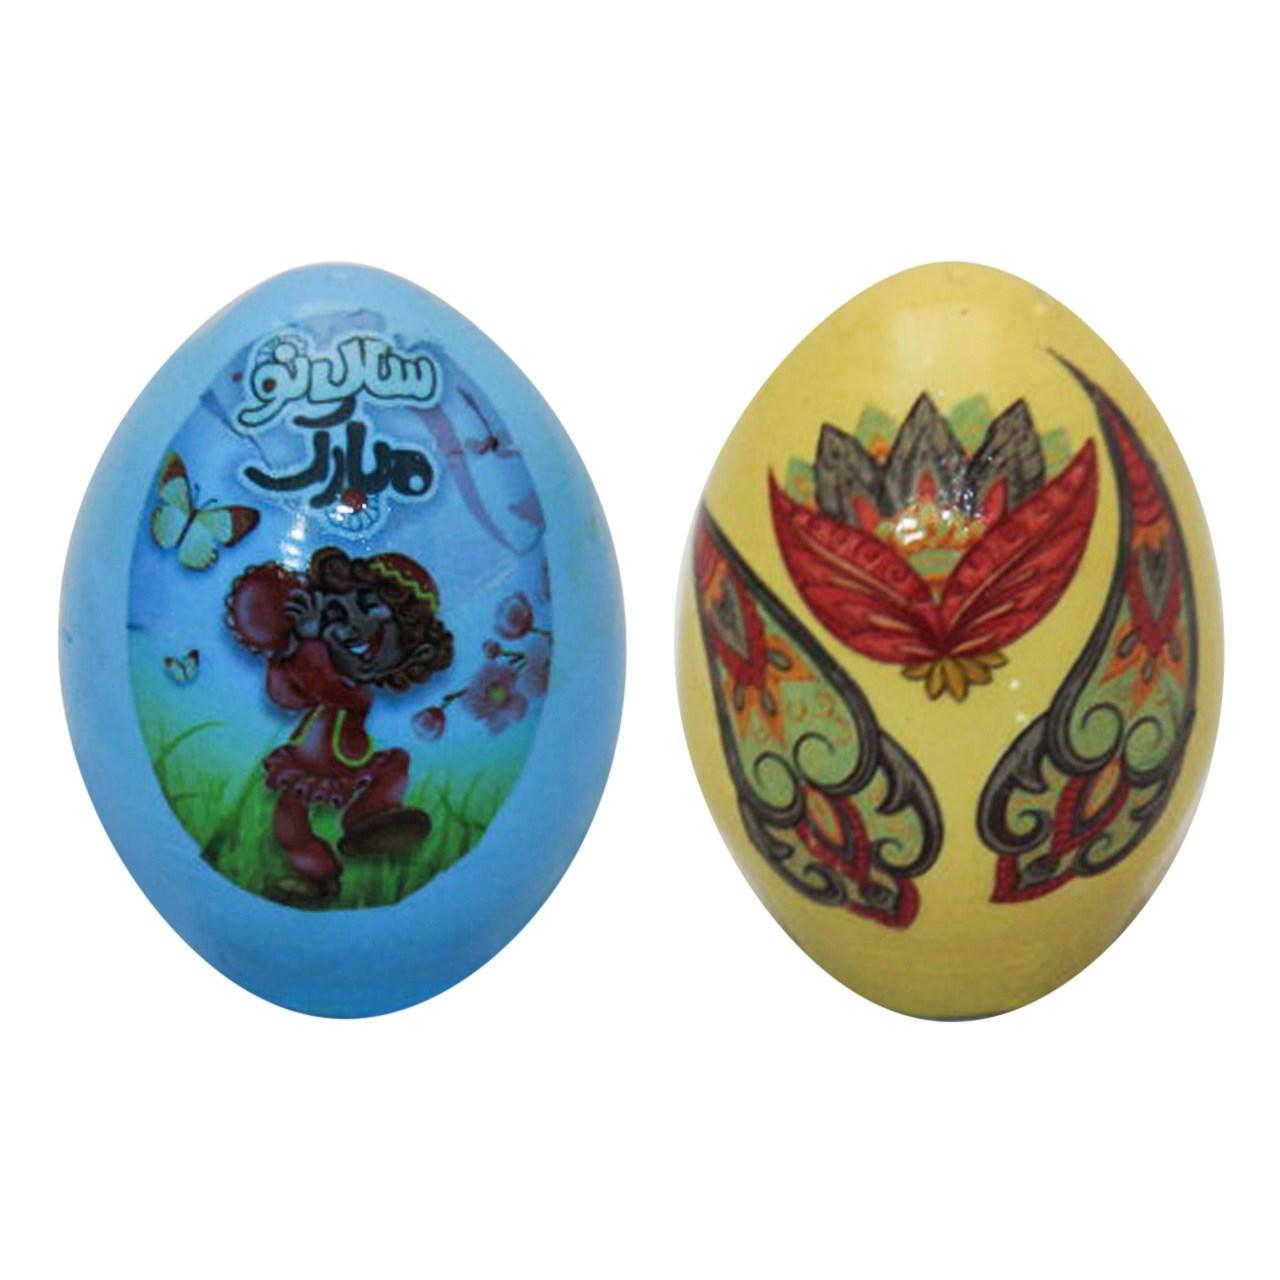 تخم مرغ تزیینی هفت سین آرت گالری مدل A3088 بسته 2عددی